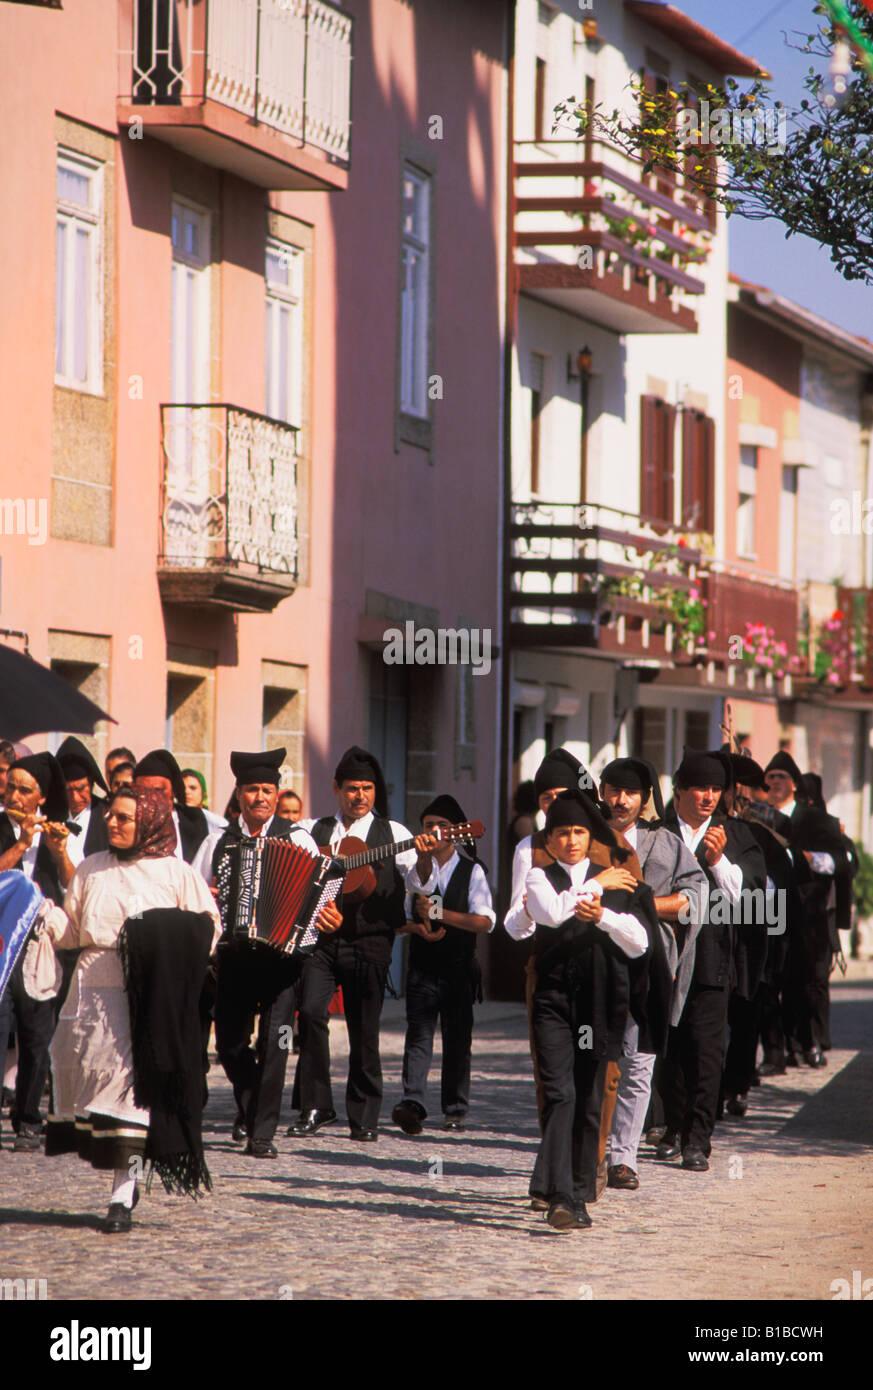 Tradizionalmente i musicisti in costume al Festival del folklore in Baqueiros nel Minho sulla parte settentrionale Immagini Stock